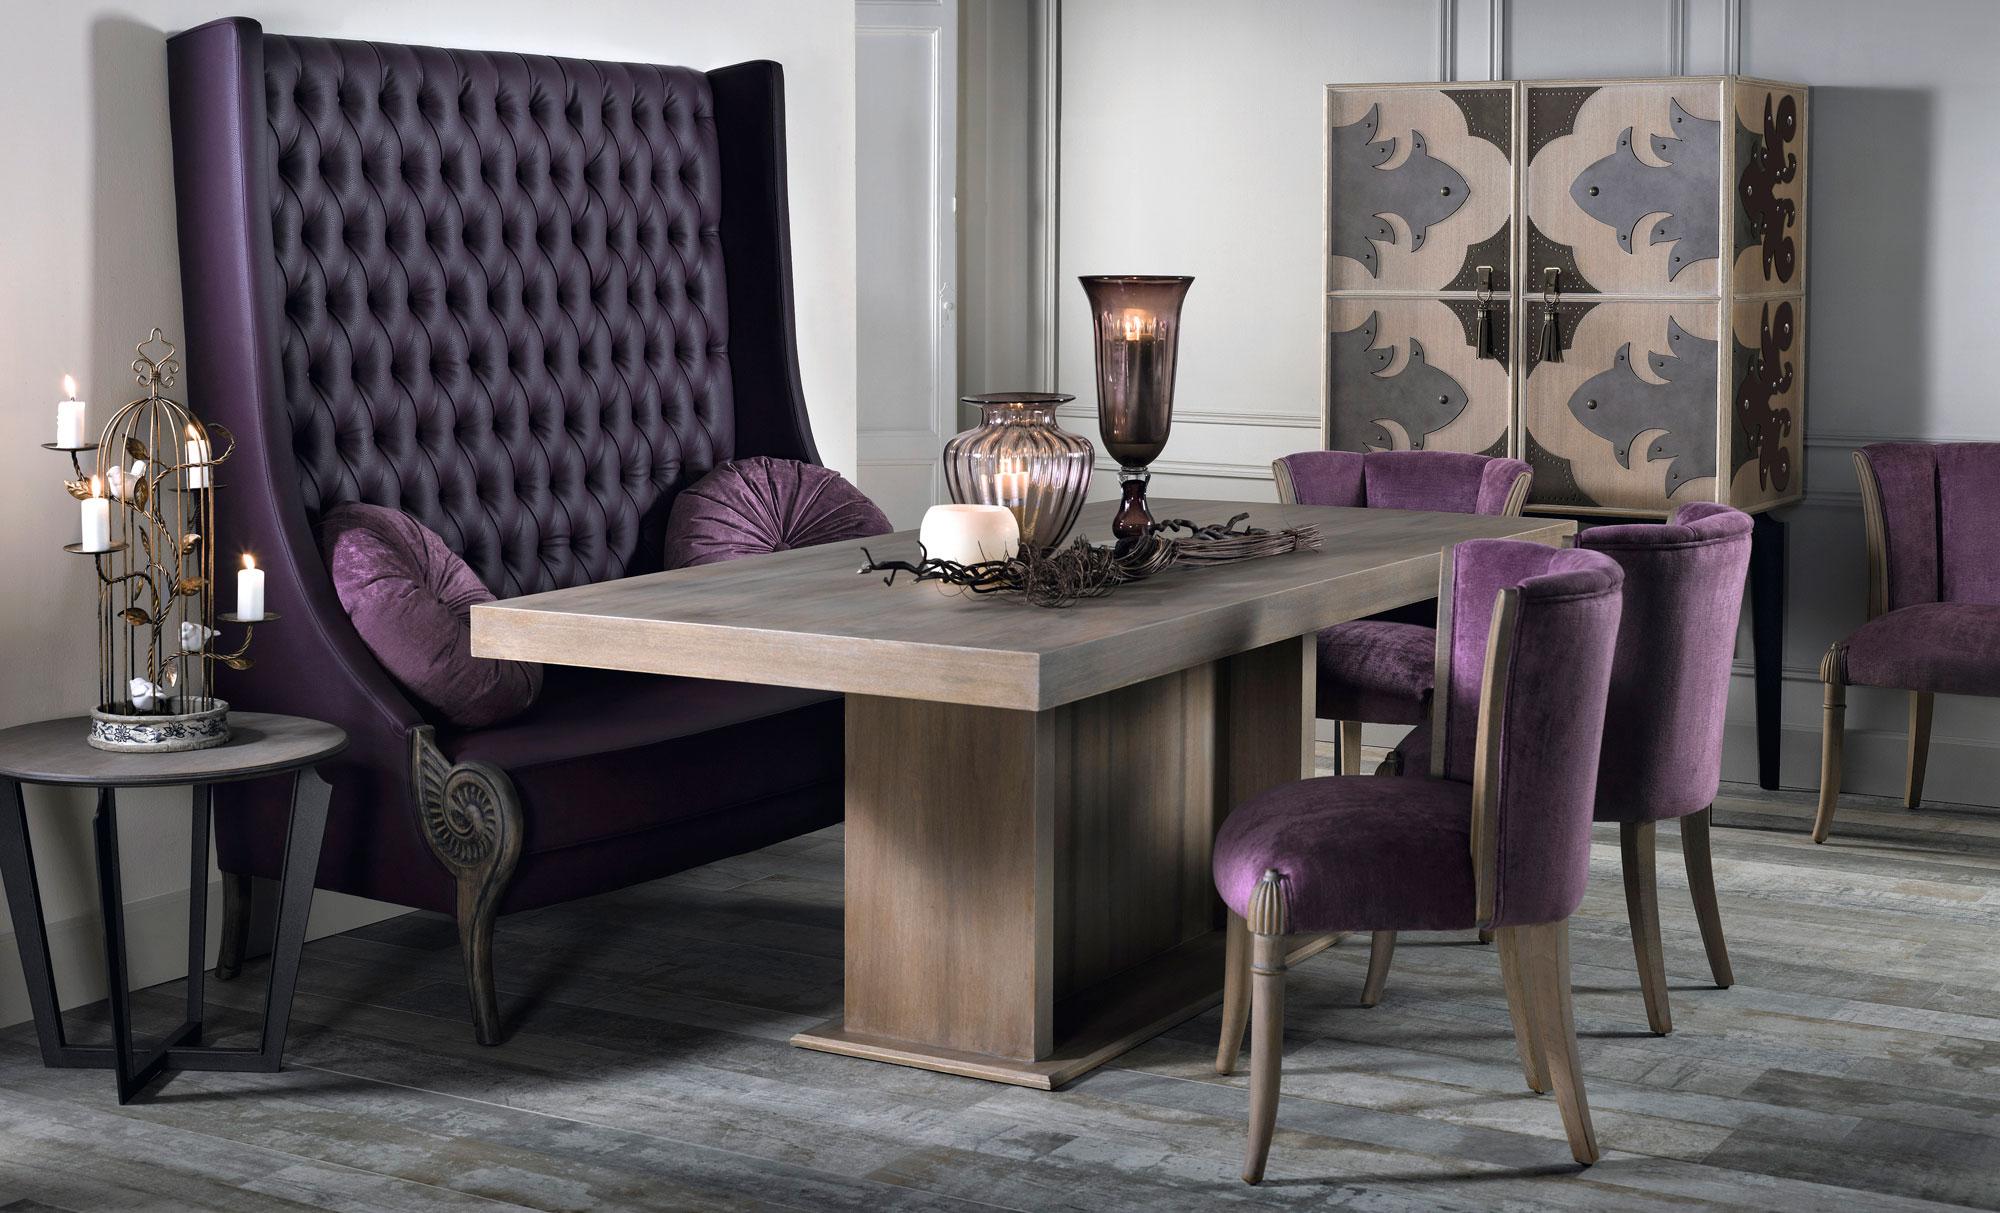 Muebles y decoracion de lujo en Portobellodeluxe.com